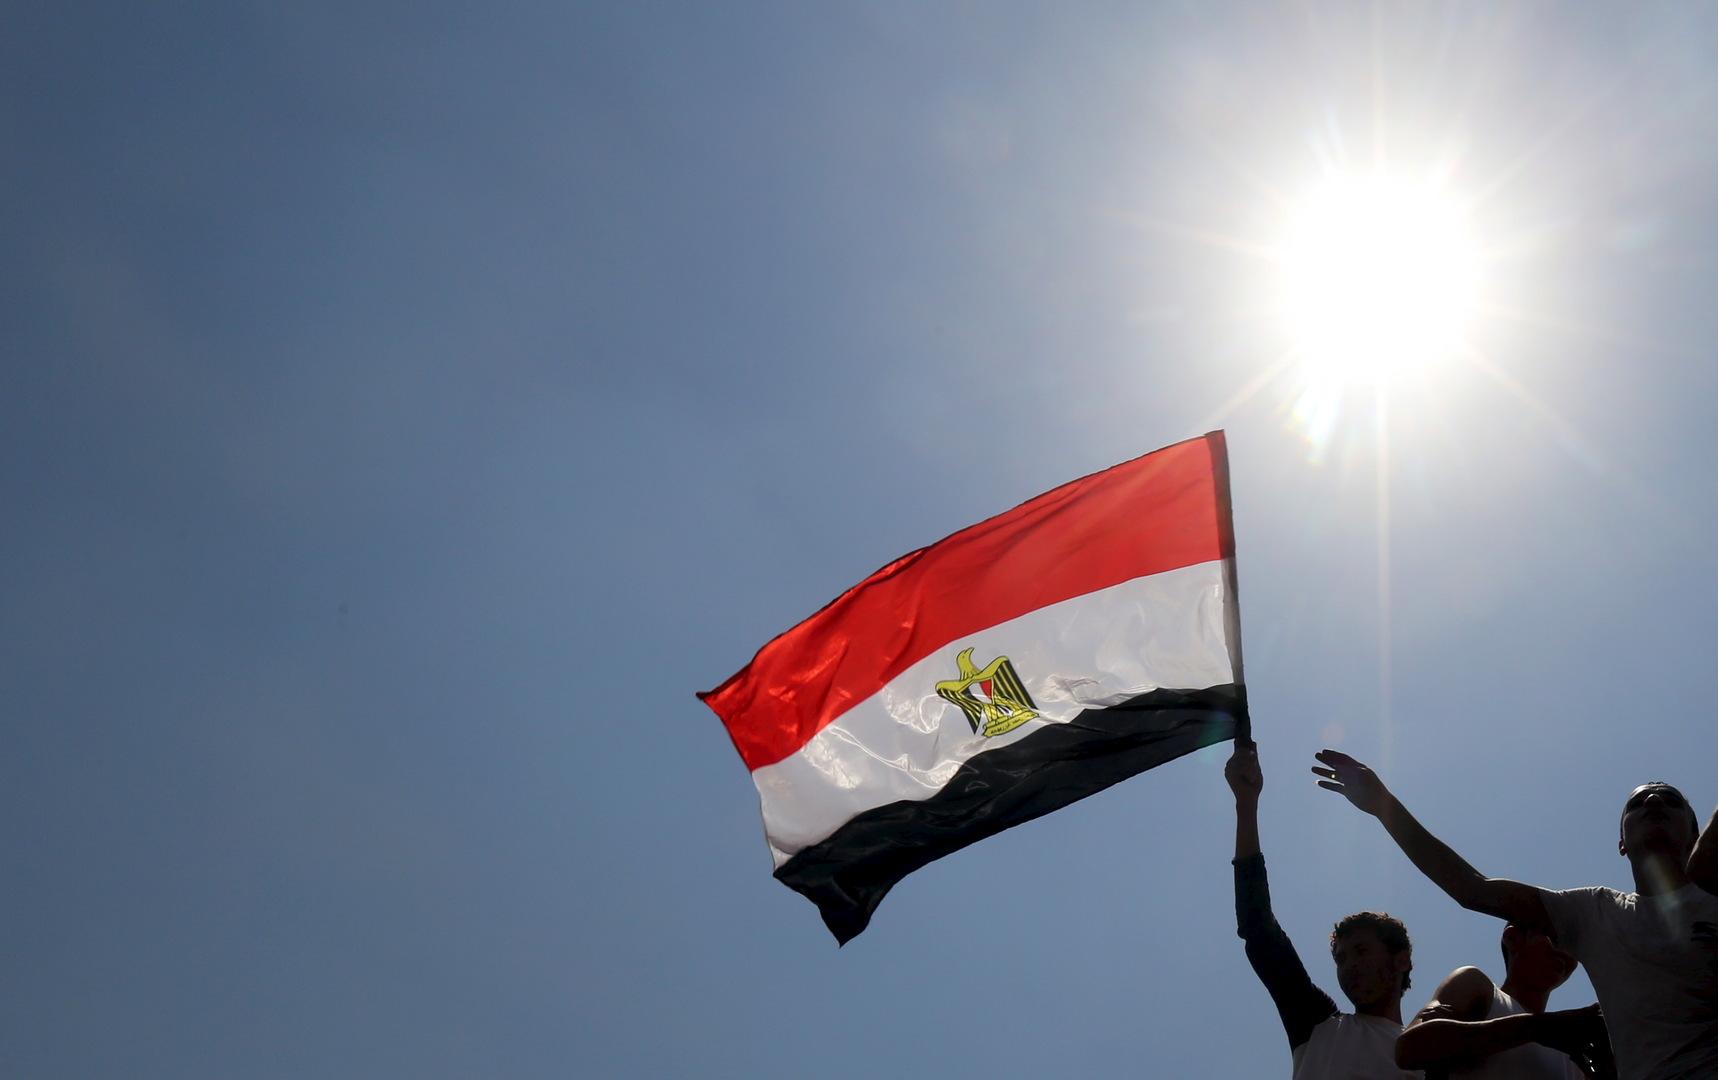 وزير الري المصري: معالجة 15 مليون متر مكعب يوميا من مياه محطات بحر البقر والمحسمة والحمام